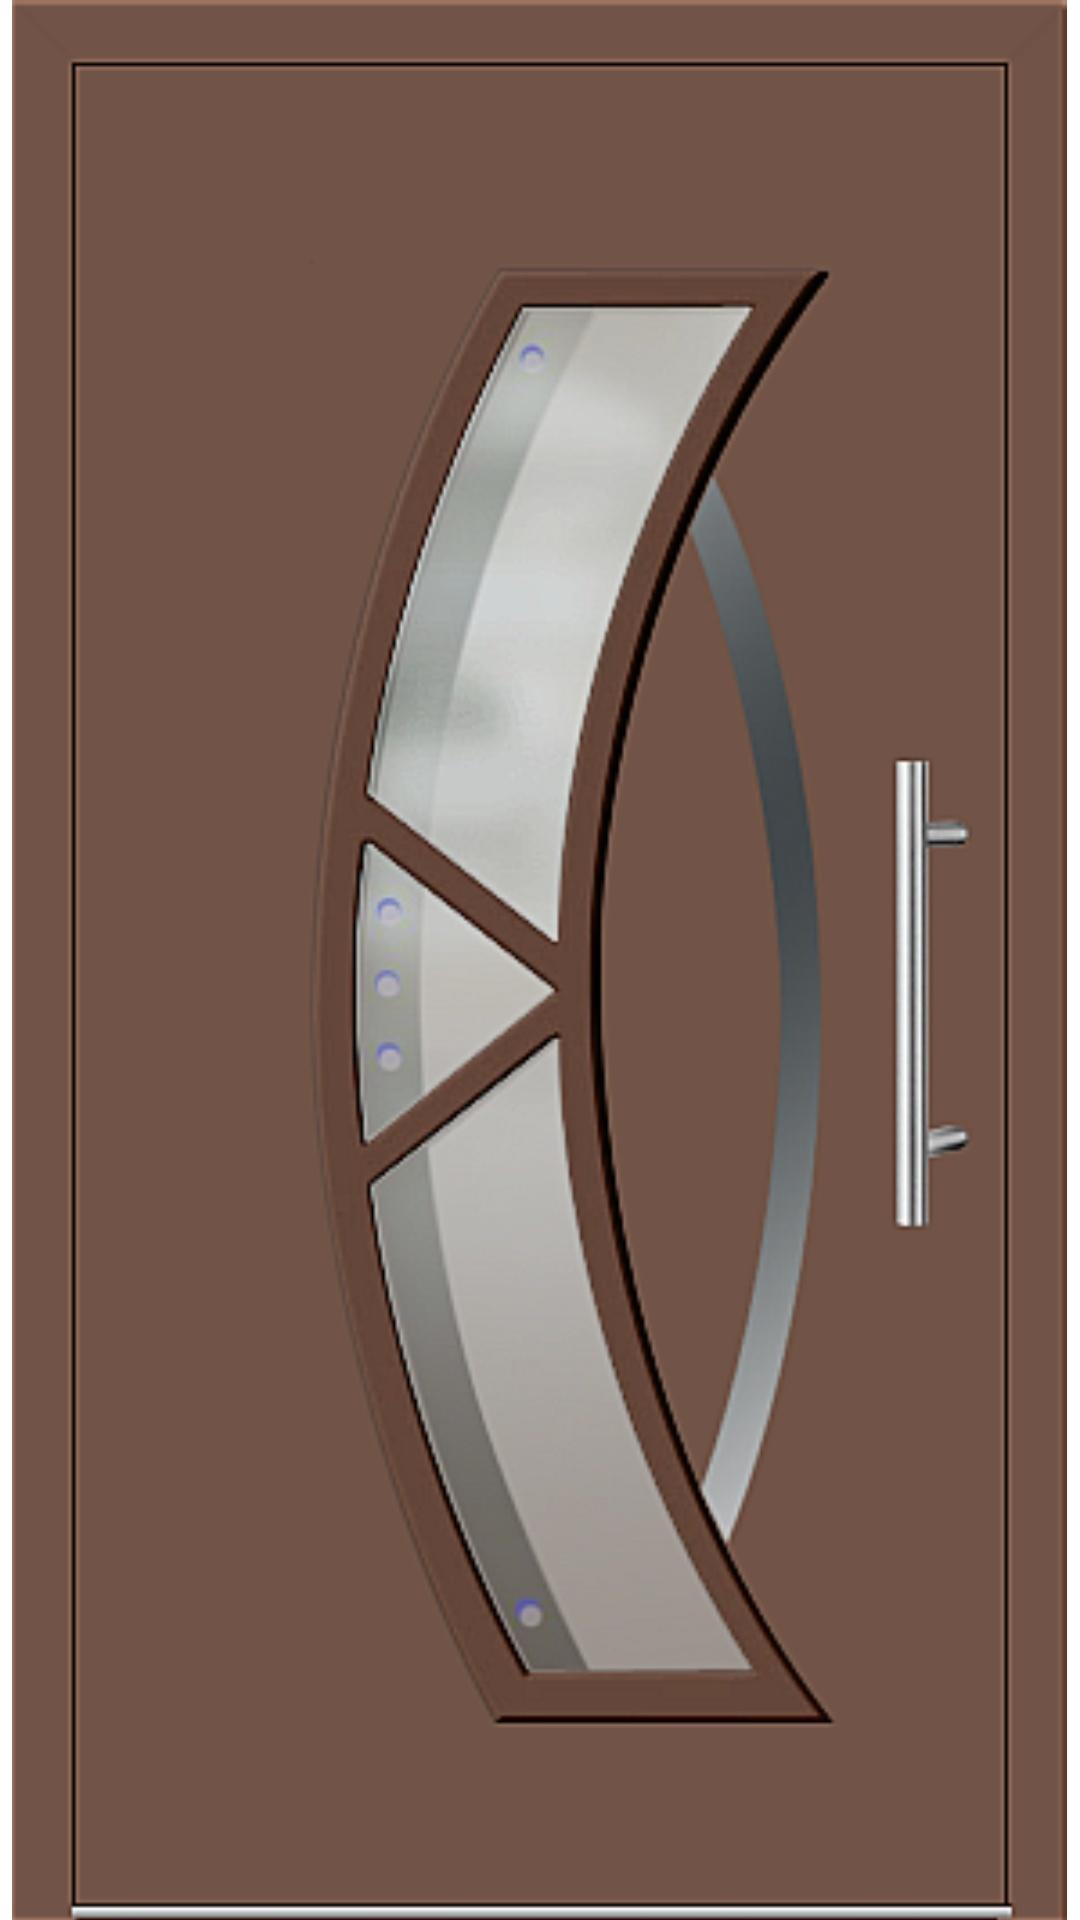 Aluminium Haustür Modell 181-67 lehmbraun